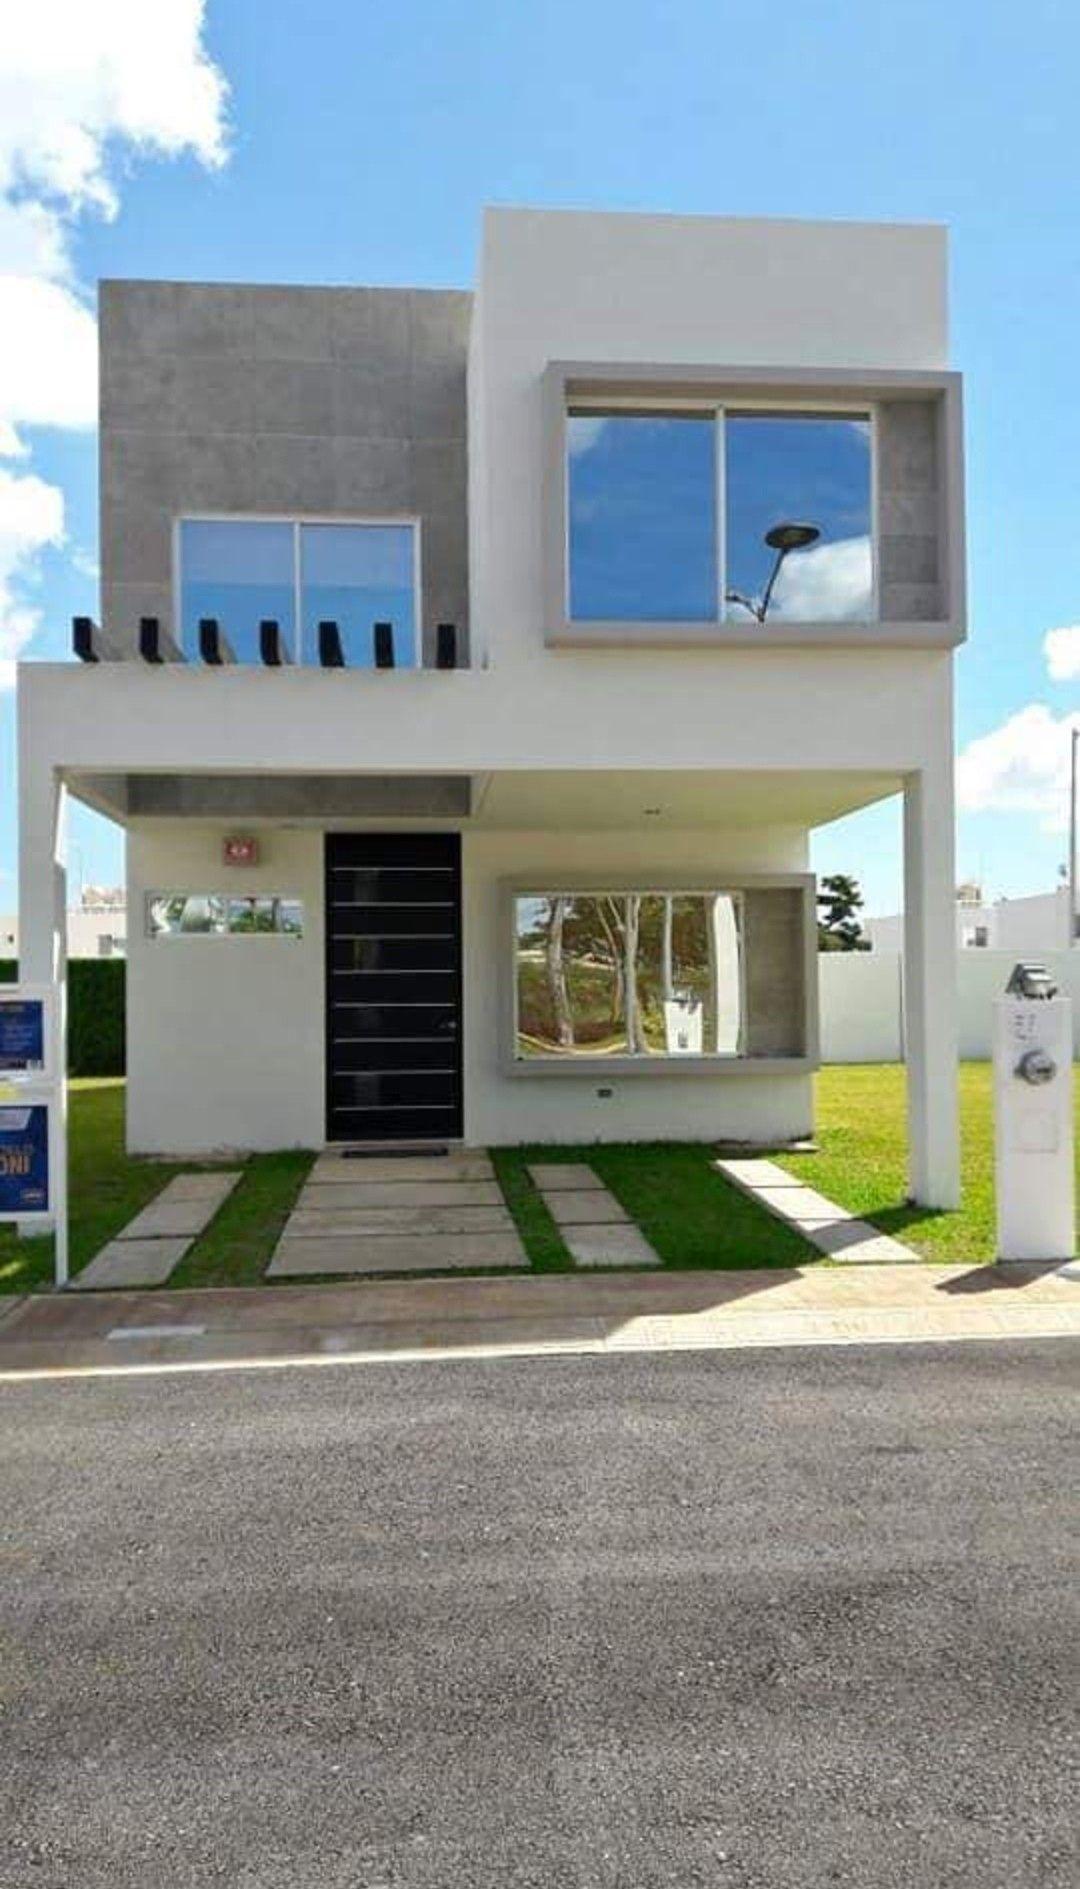 fachadas de casas Buscar con Google Fachadas casas